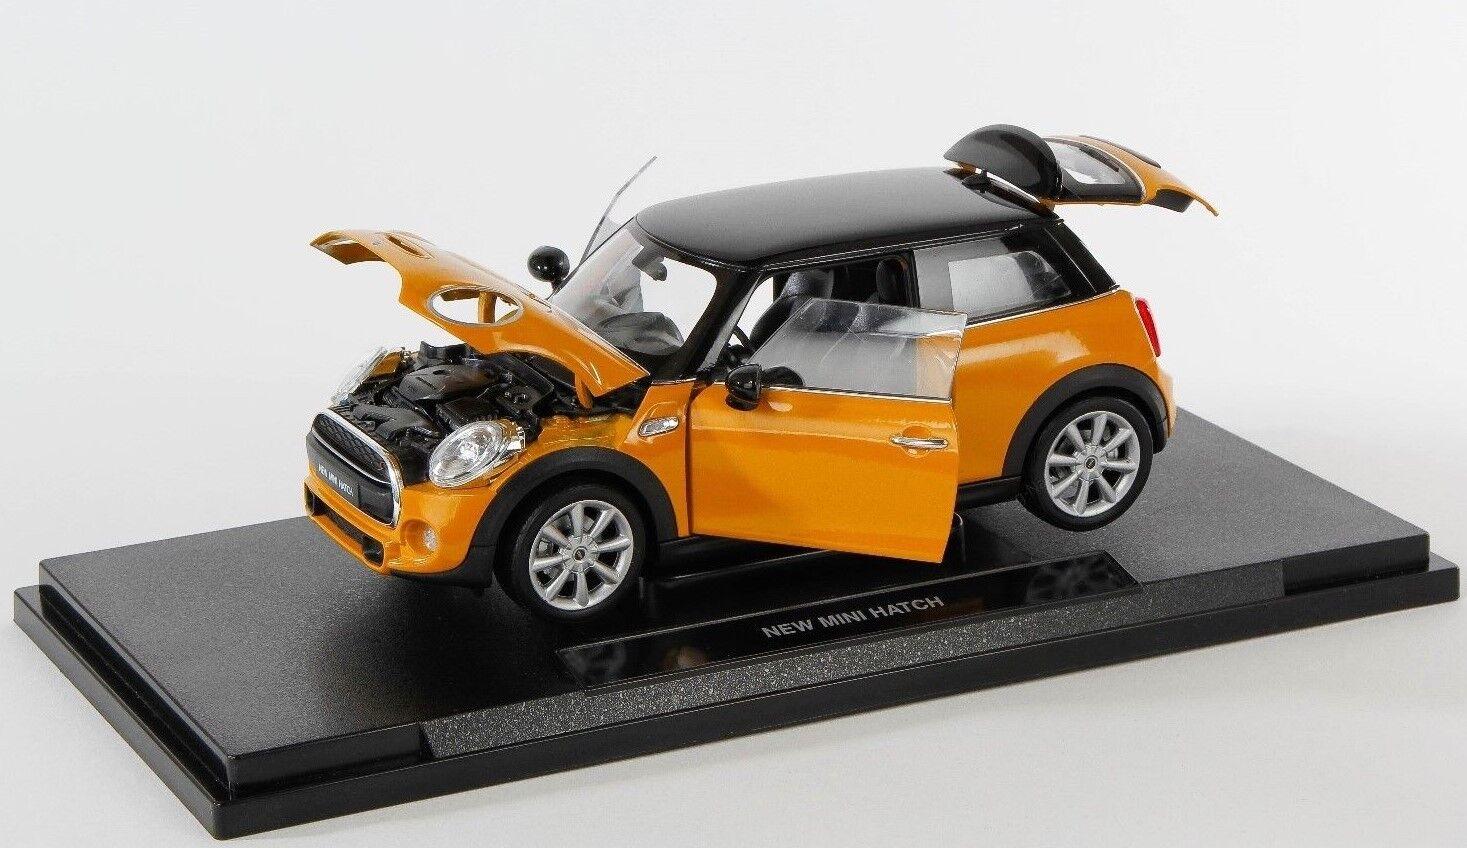 Livraison rapide New Mini Hatch Orange Welly Modèle Auto 1 18 NOUVEAU & NEUF dans sa boîte